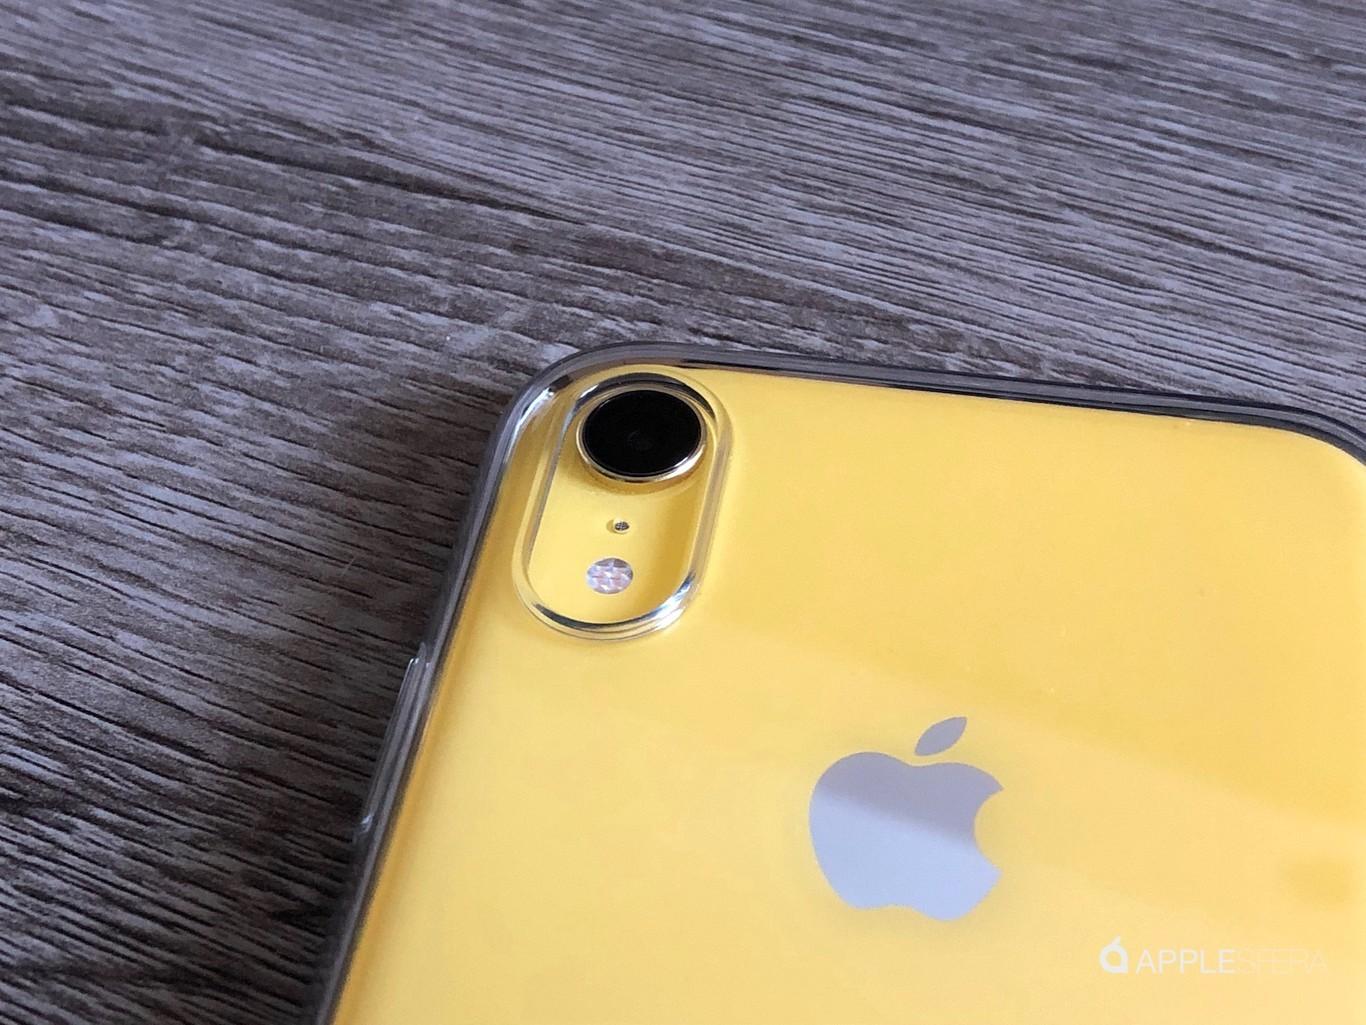 Funda Iphone La Funda Transparente De Apple Aguanta Muy Bien El Paso Del Tiempo